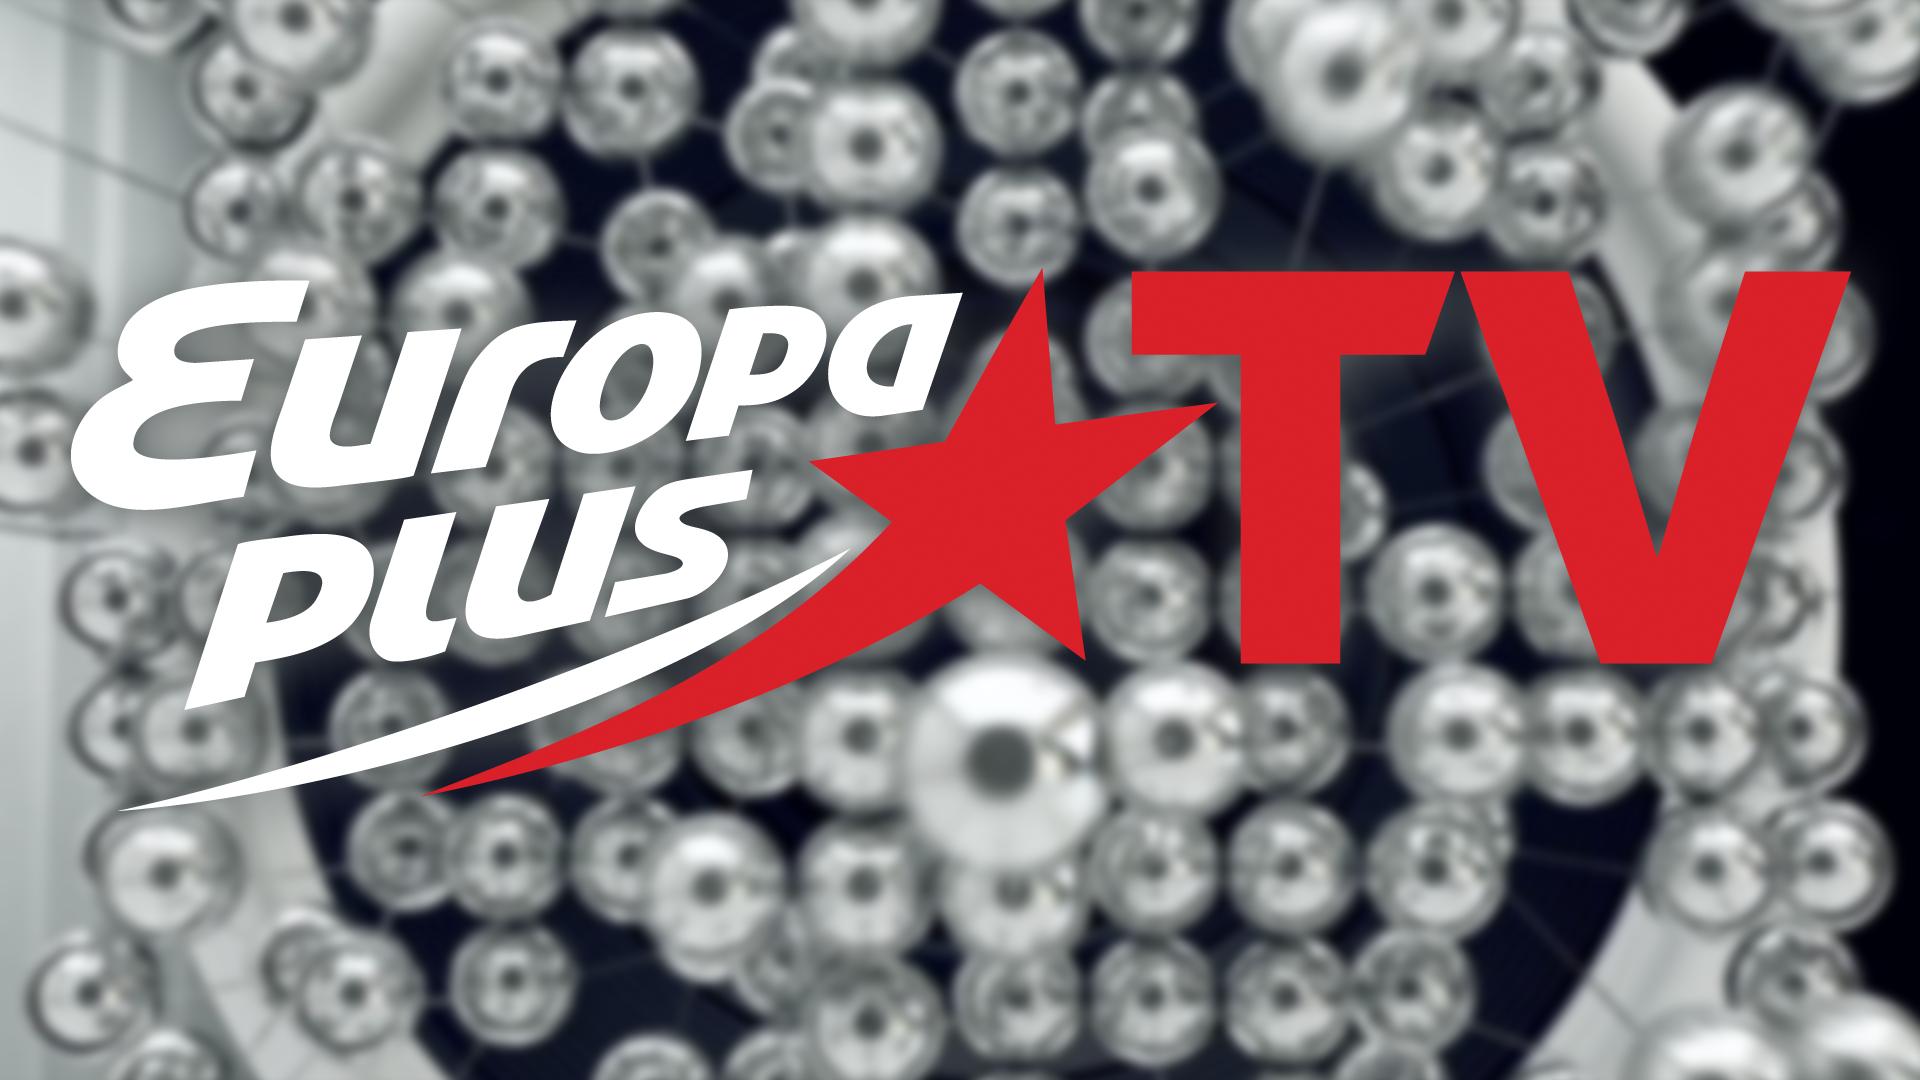 Европа Плюс ТВ